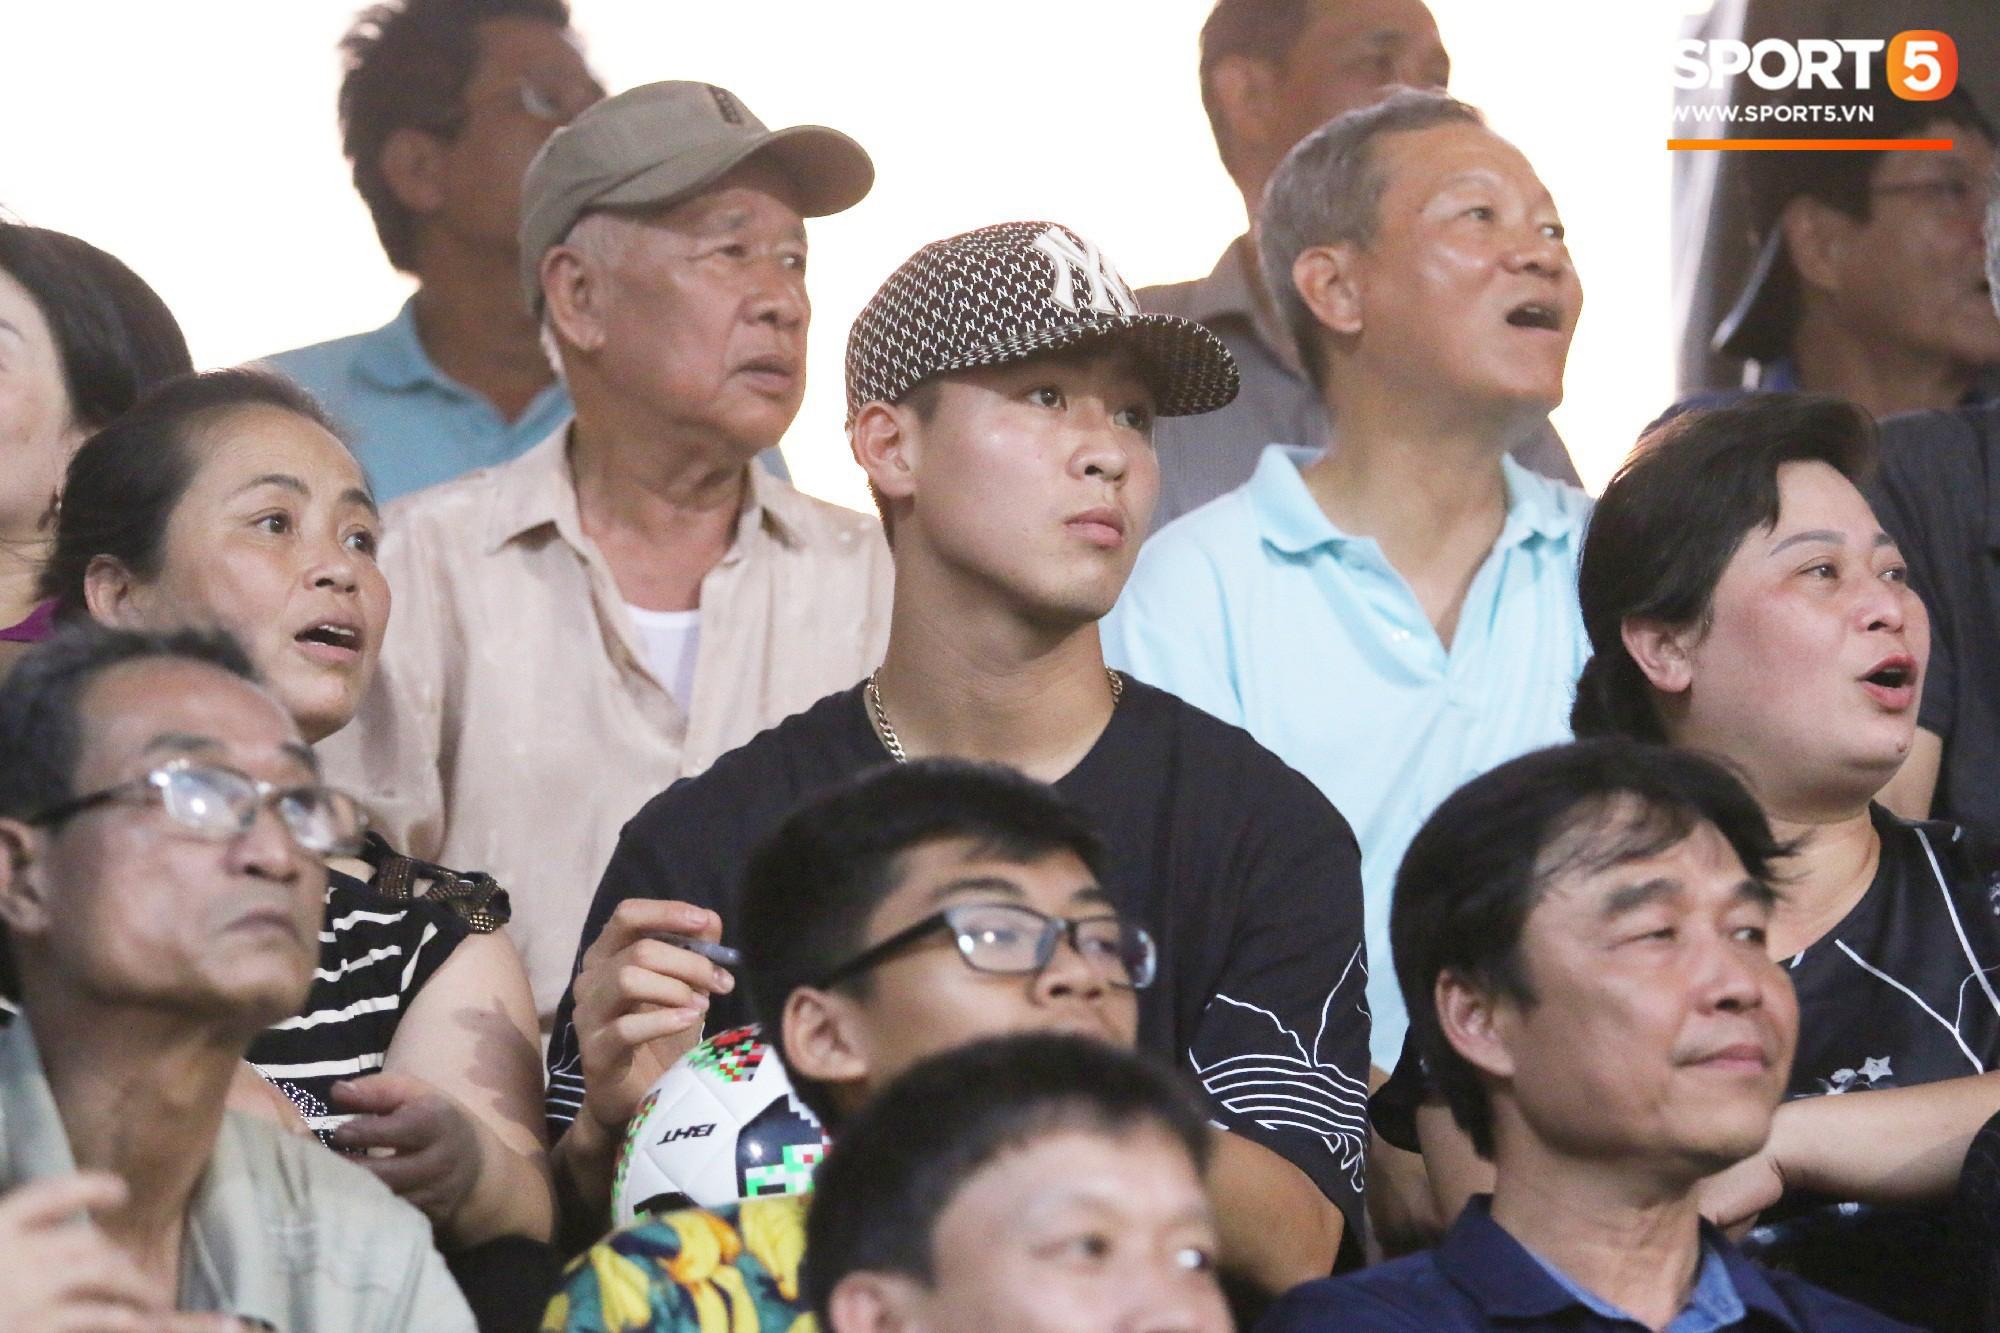 Duy Mạnh lặng lẽ theo dõi đồng đội thi đấu, vẫn bị fan nhí phát hiện vây kín - Ảnh 5.